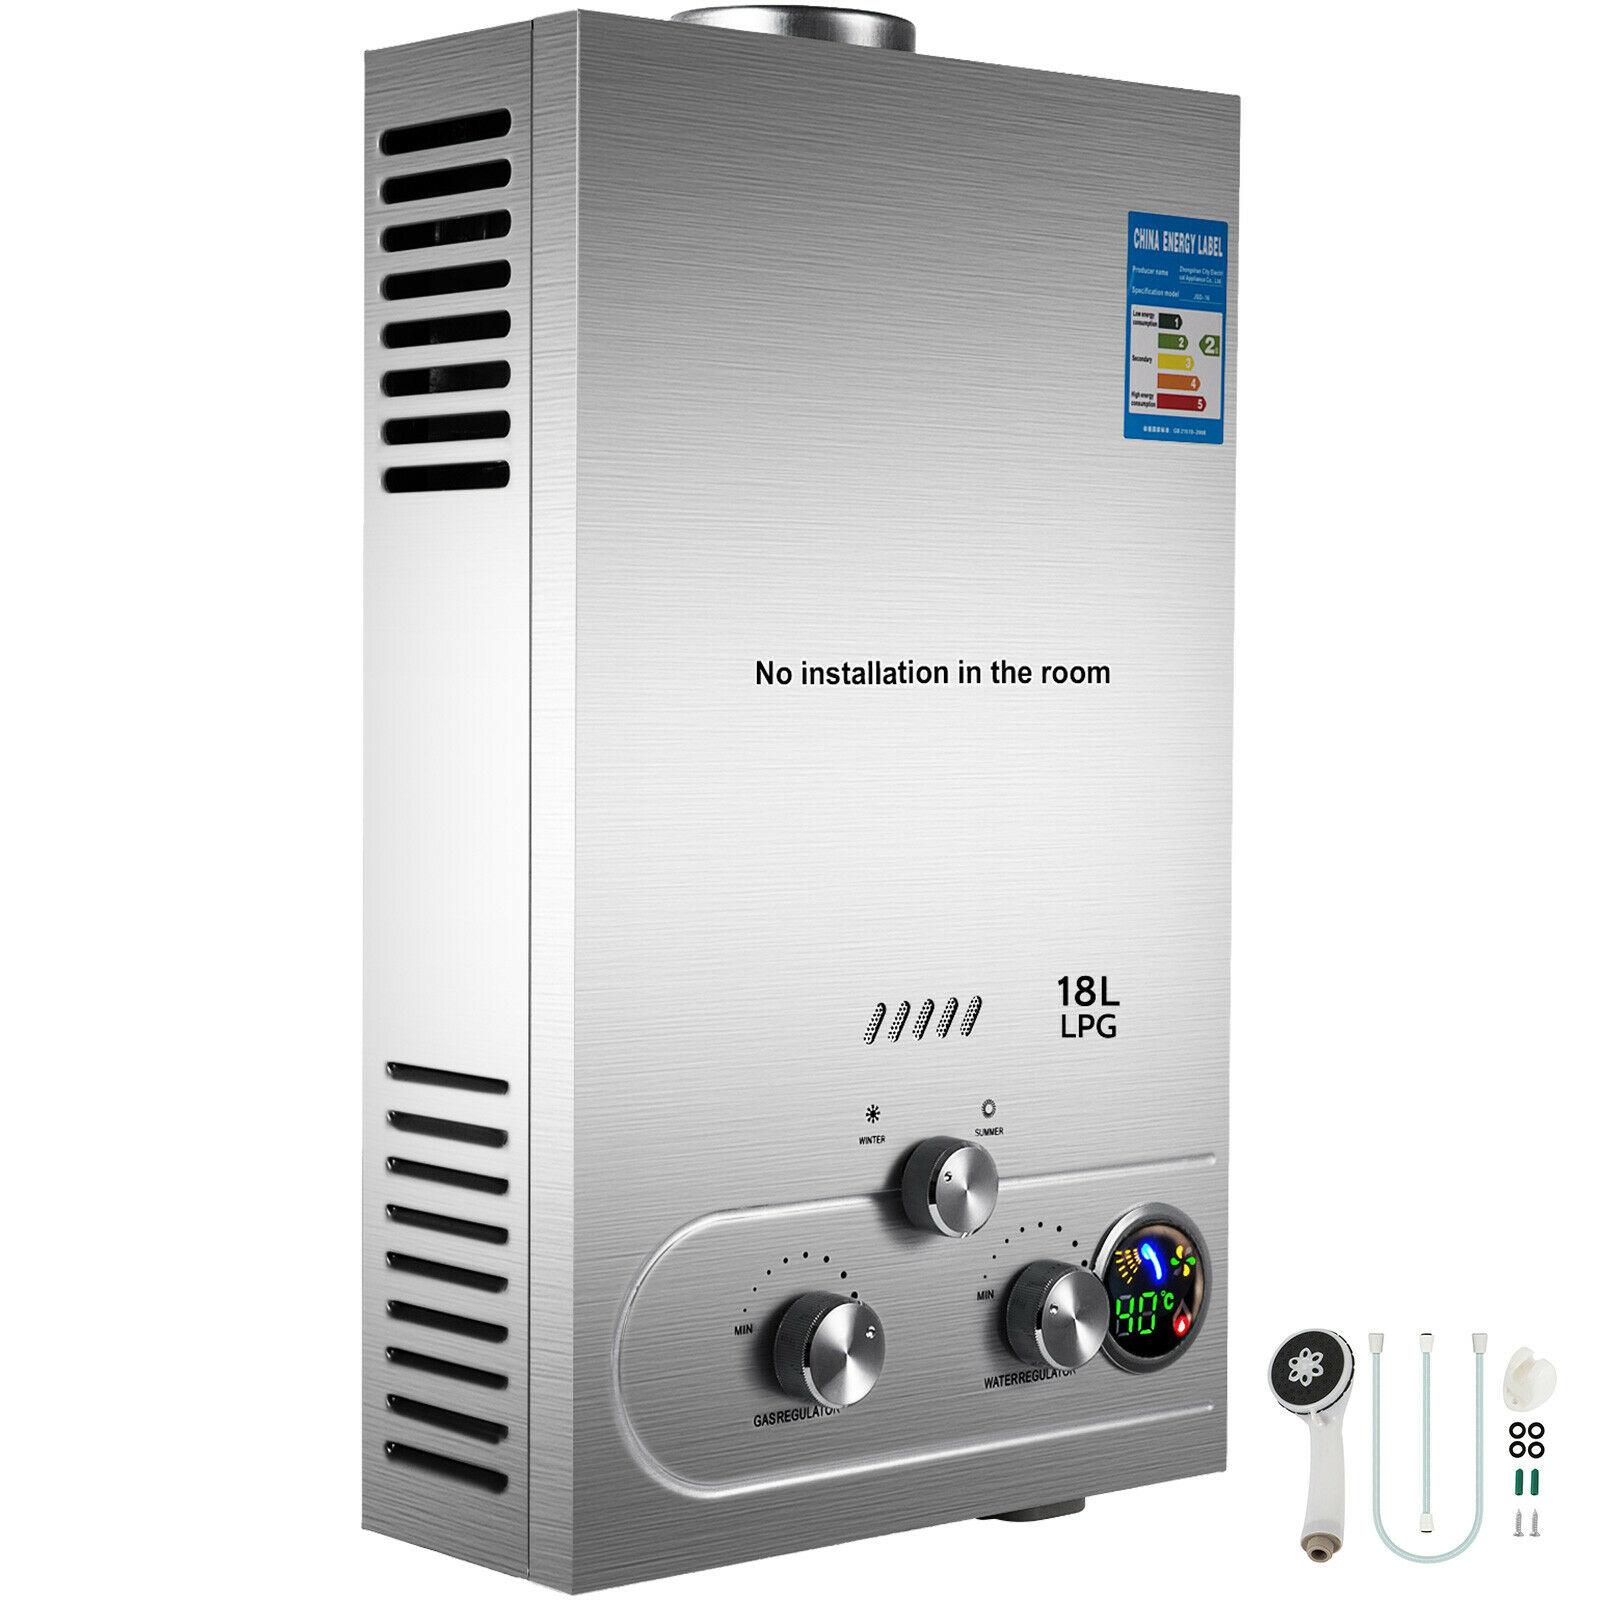 AliExpress Chauffe-eau instantané sans réservoir au gaz Propane, 6L/8L/10L/12L/16L/18L, 4,8 gpm, avec Kit de